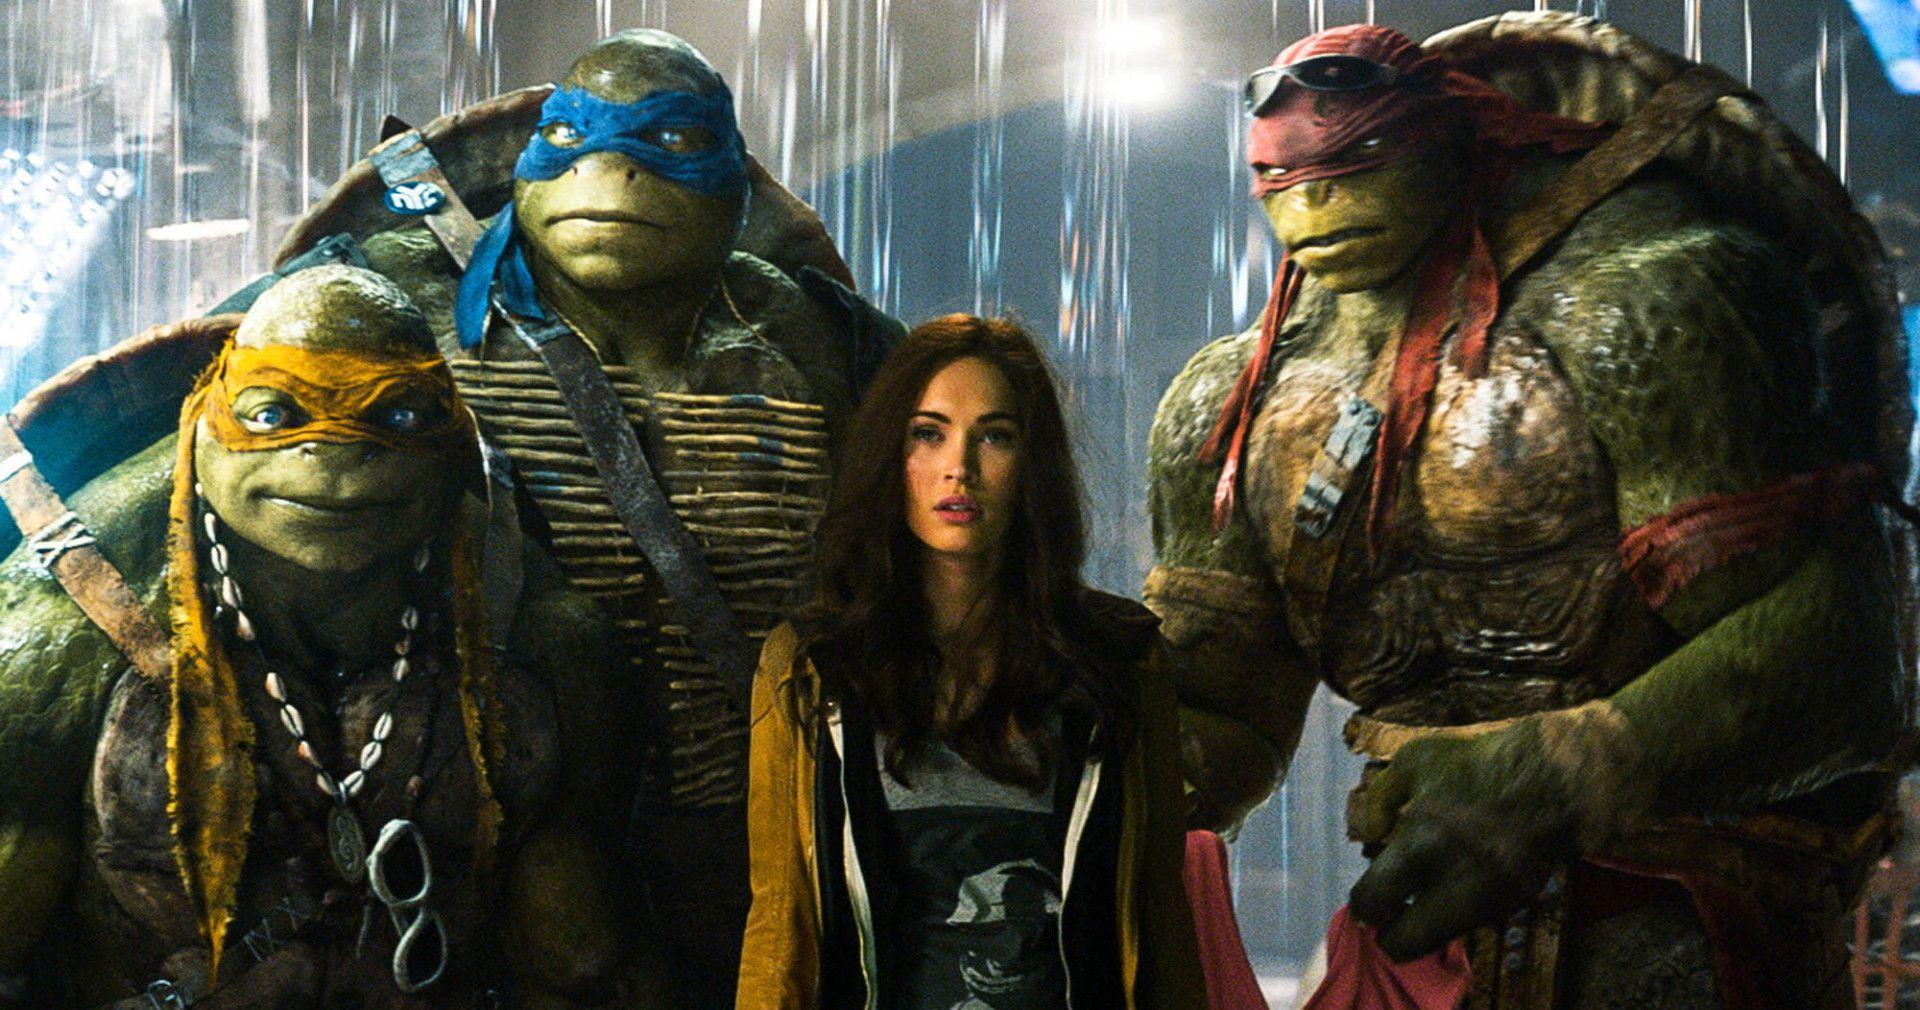 تريلر جديد أكثر إثارة لفيلم سلاحف النينجا 2 سينماتوغراف Ninja Turtles Movie Ninja Turtles 2014 Funny Pictures